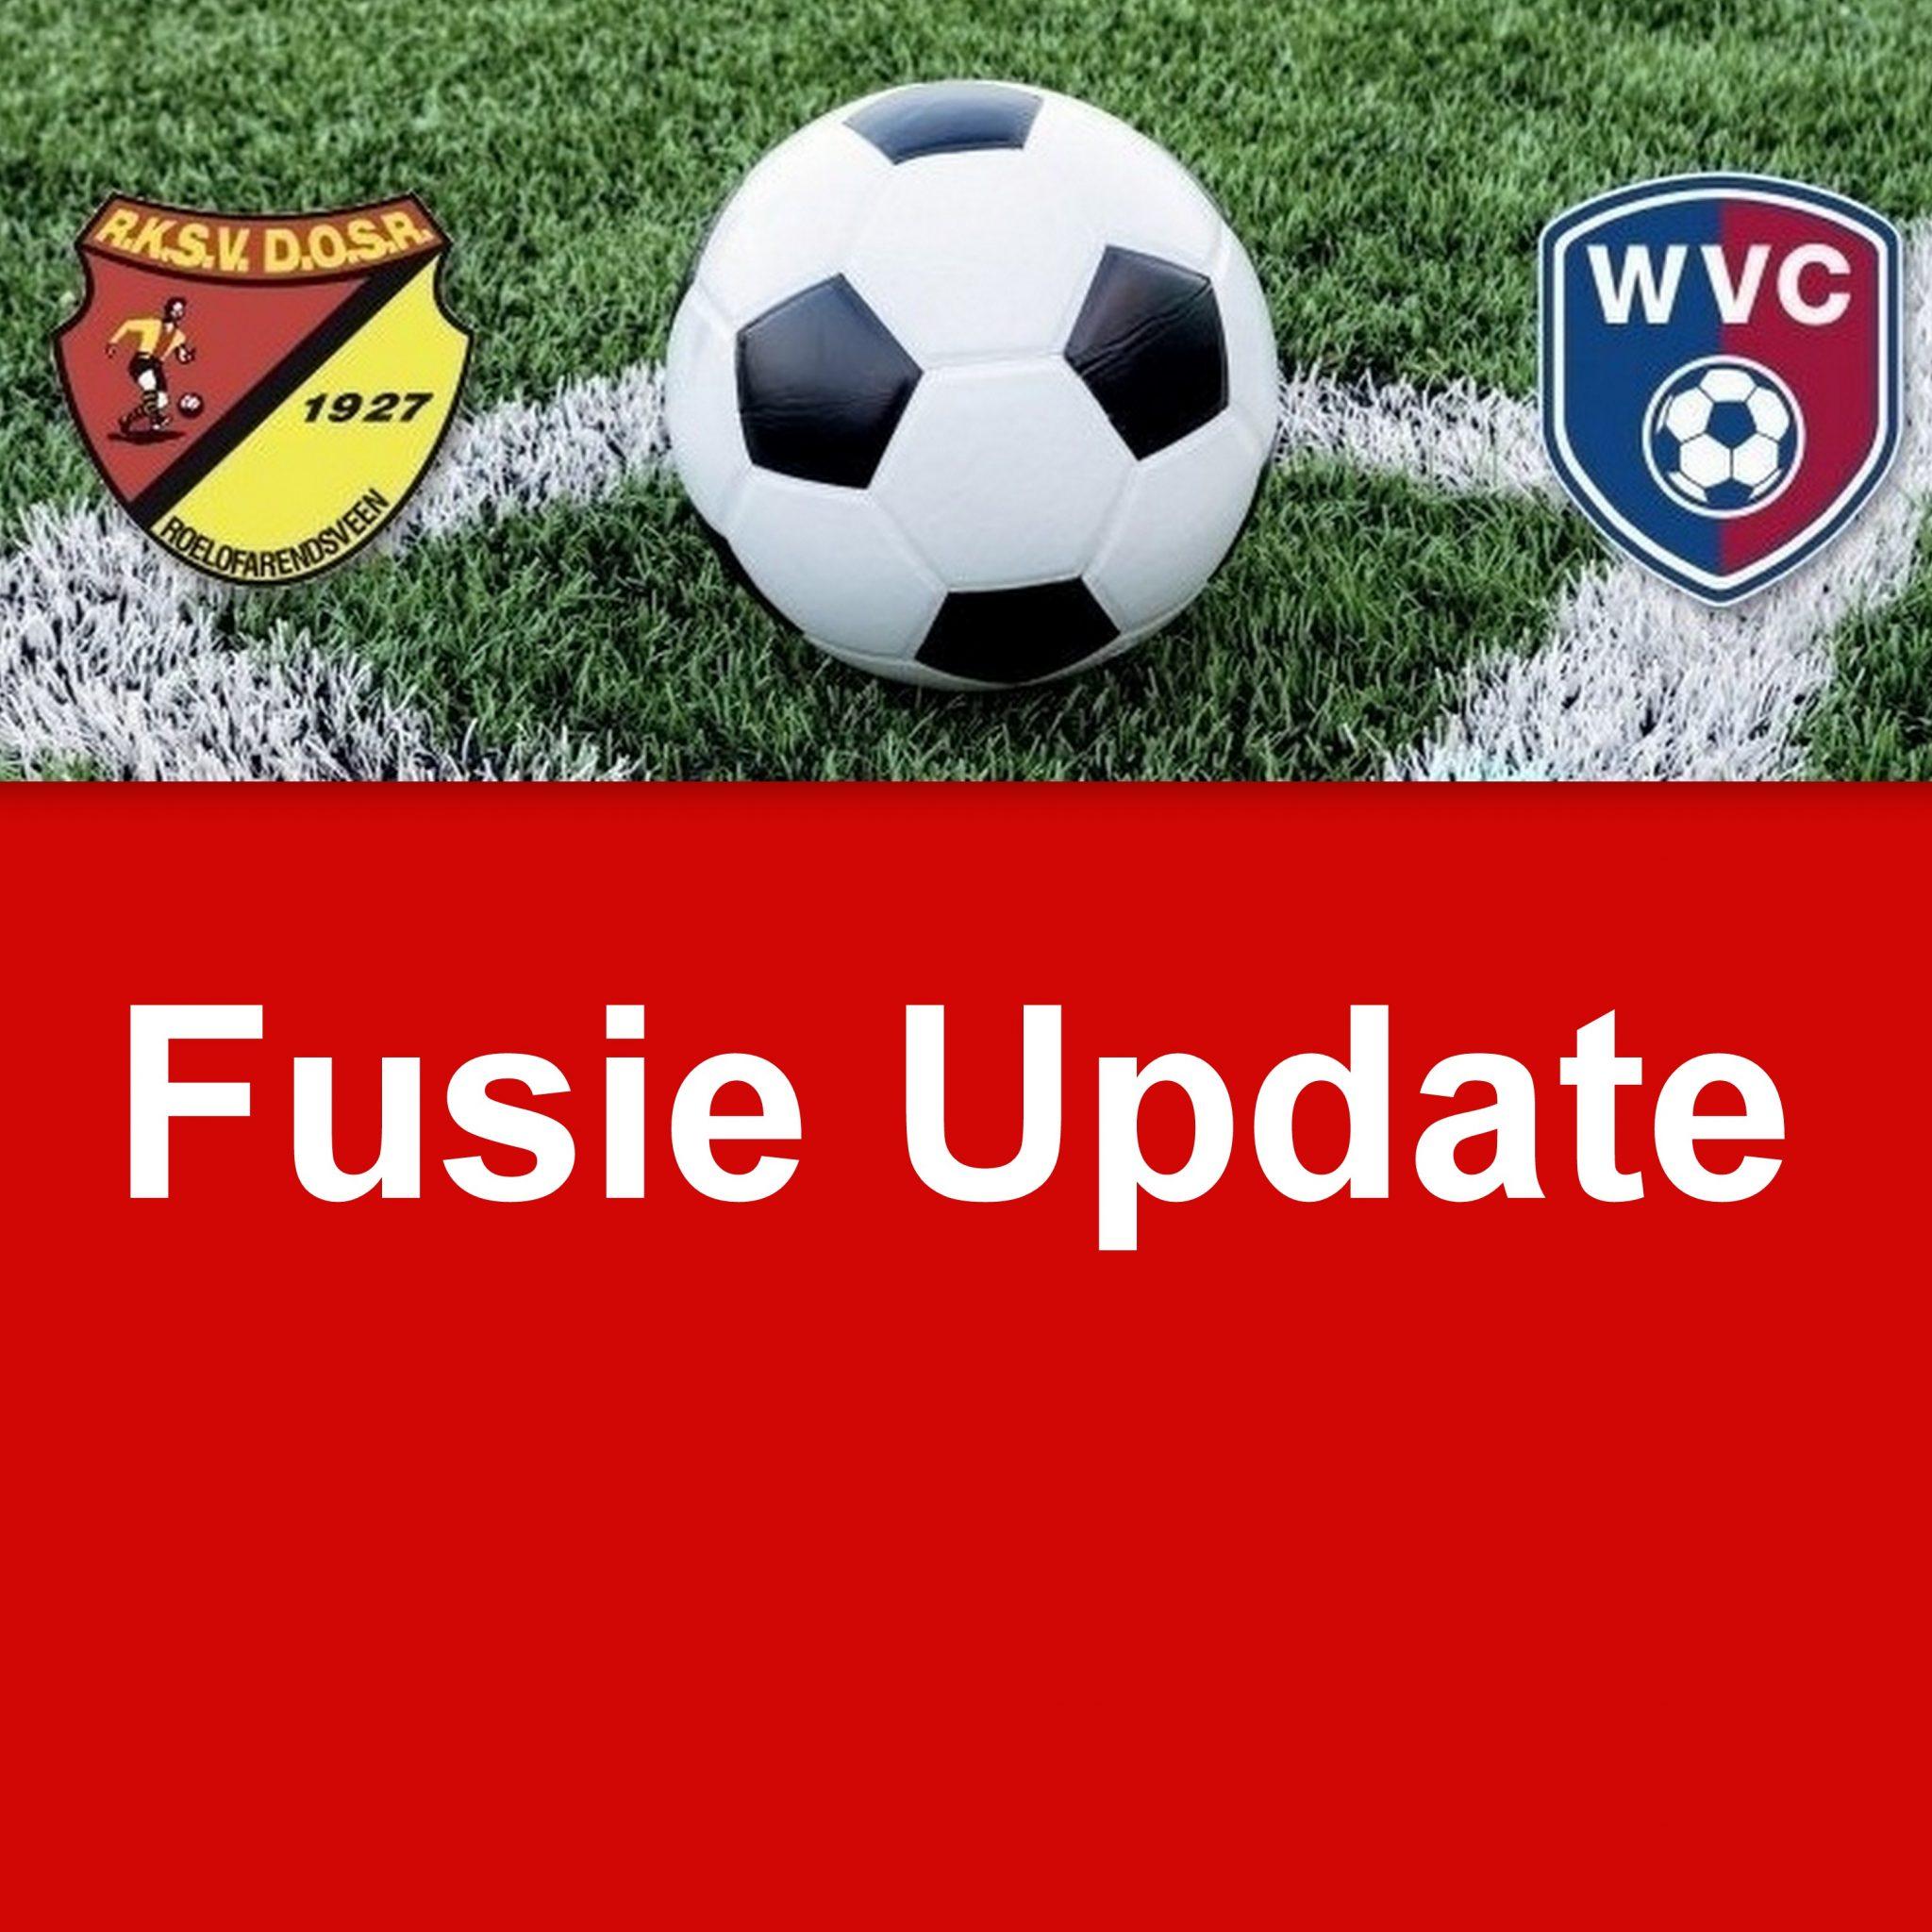 Fusie update 8 - juni 2020, Naam jeugd voor 1 seizoen, kleding, accommodatie, vrijwilligers en meer...